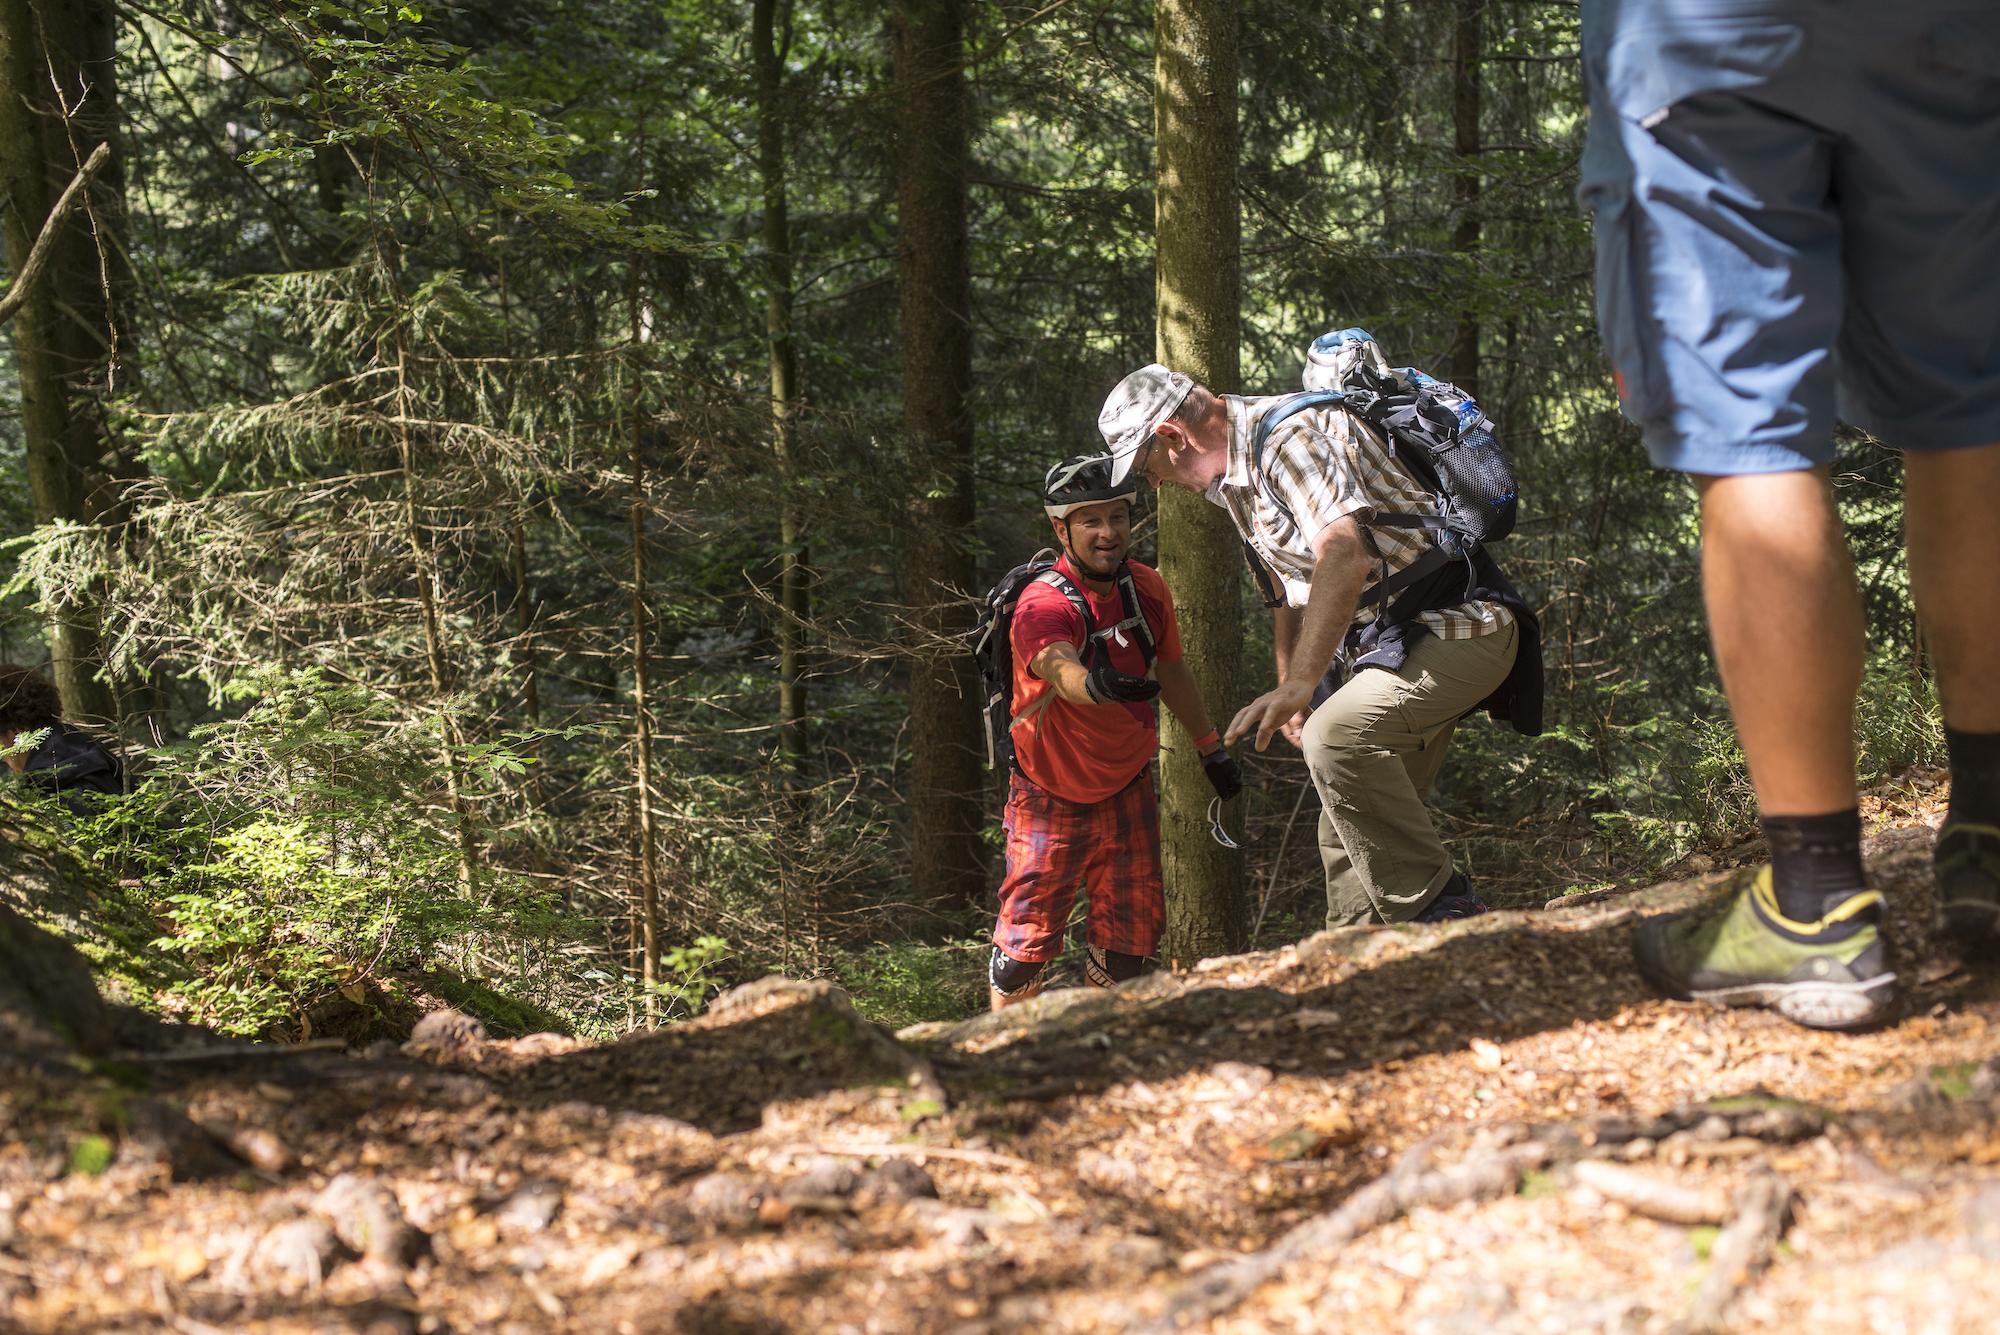 Mountainbiker und Wanderer geben sich die Hand - sie interagieren. Diese Begegnung ist nicht planbar, mit einem touristischen Produkt ist ihr Zustandekommen aber wahrscheinlicher.